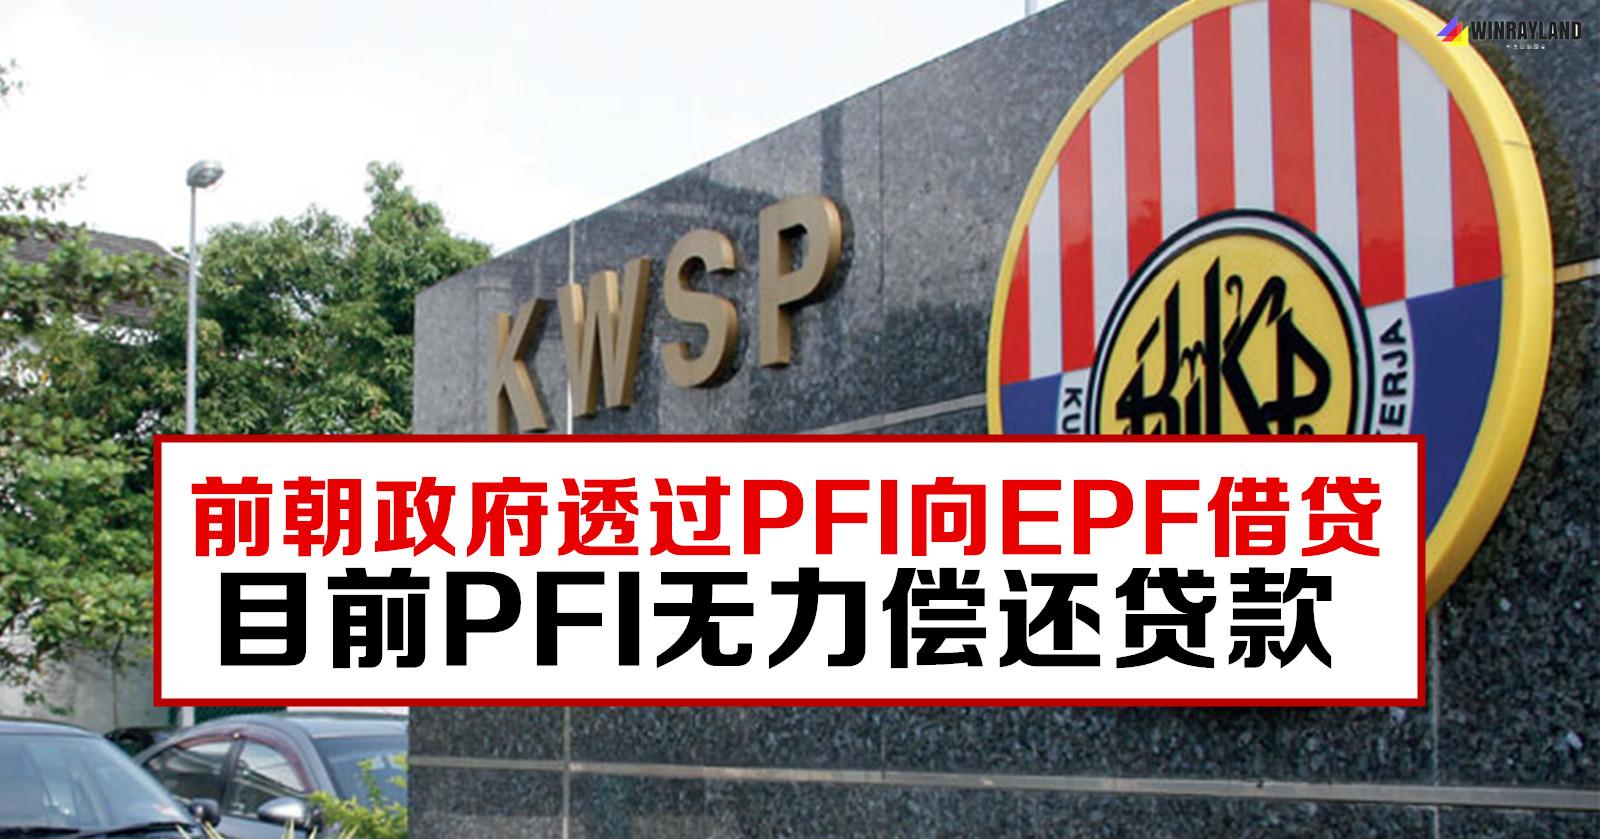 前朝政府透过PFI向EPF借贷,目前PFI无力偿还贷款